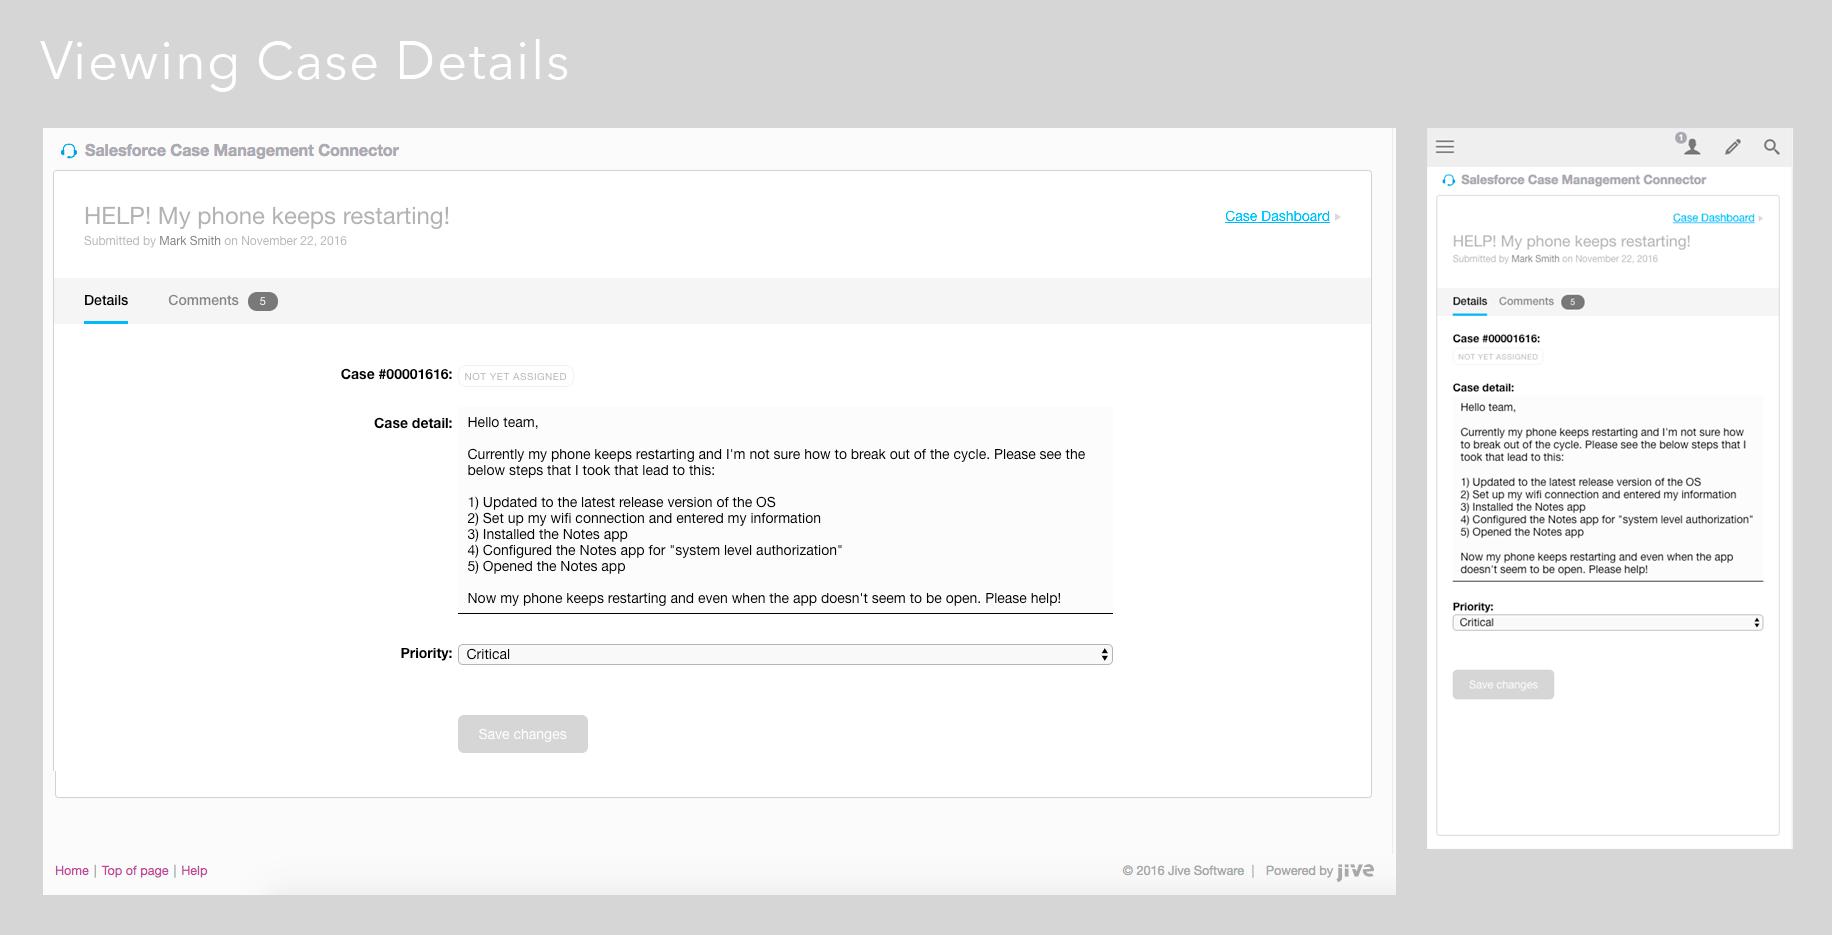 Salesforce Case management jive integration detail view